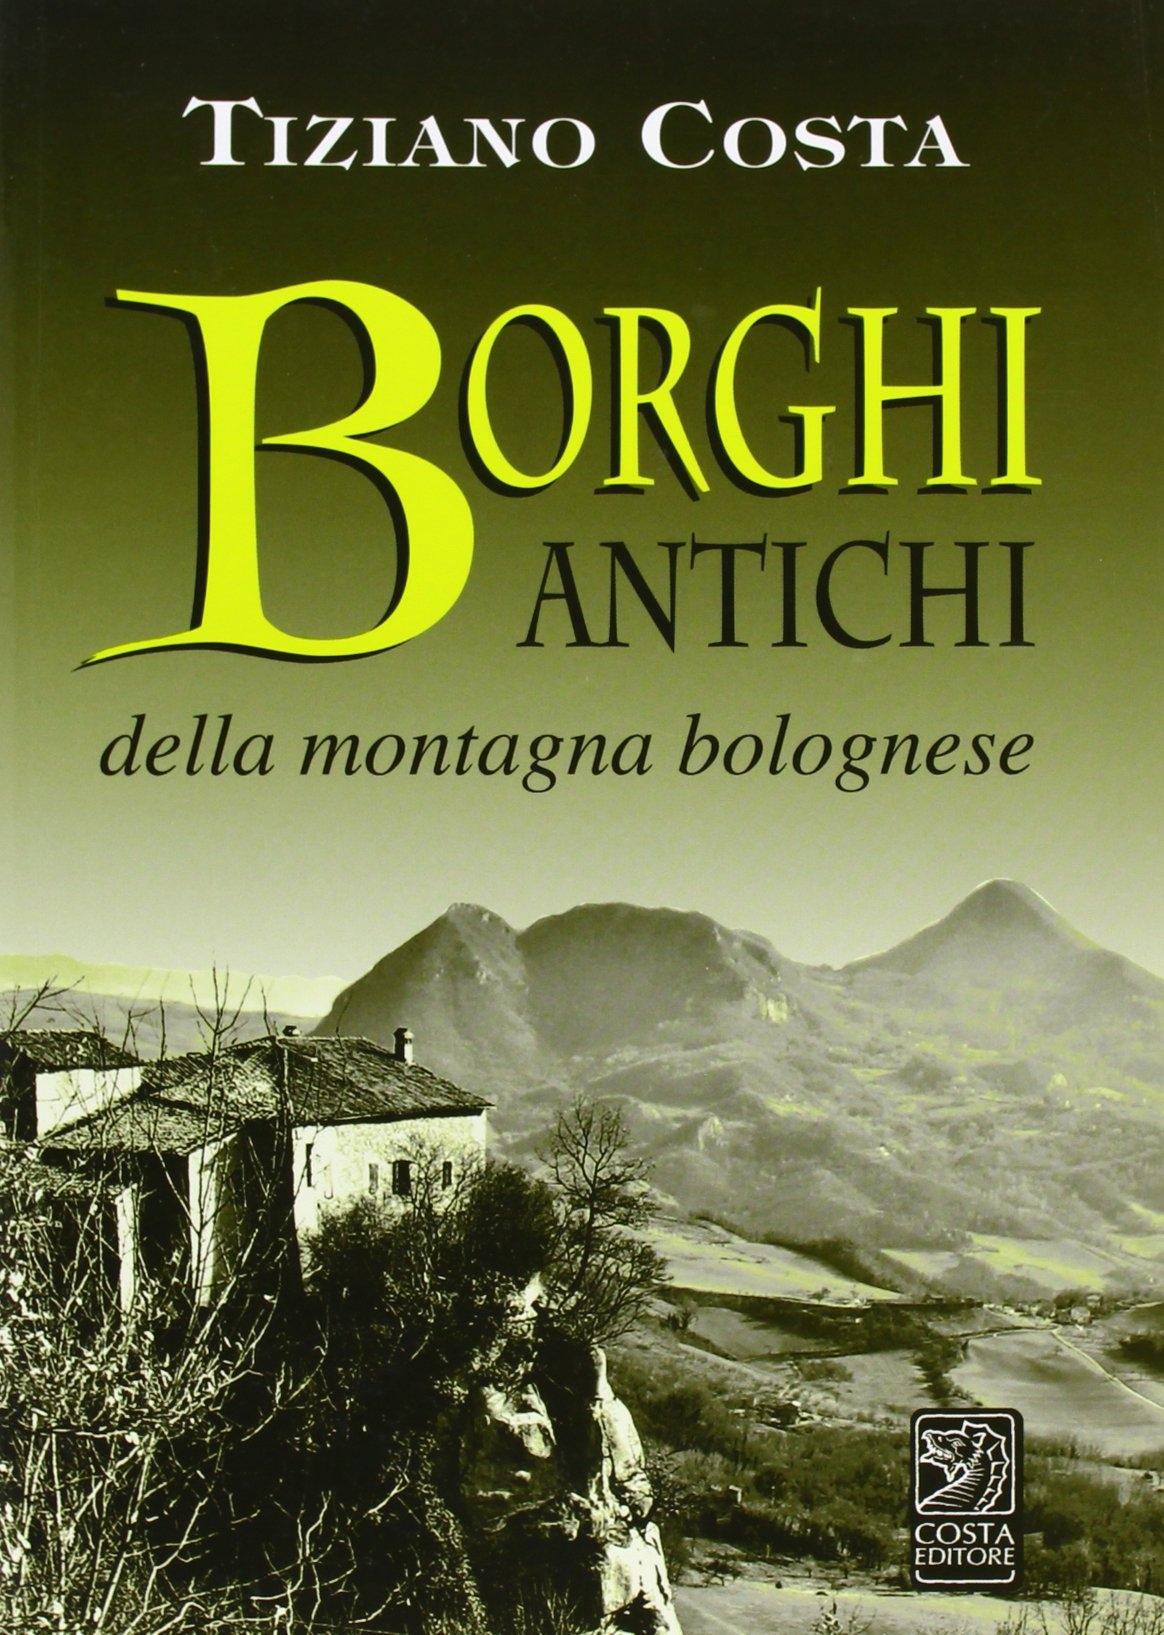 Borghi Antichi della Montagna Bolognese